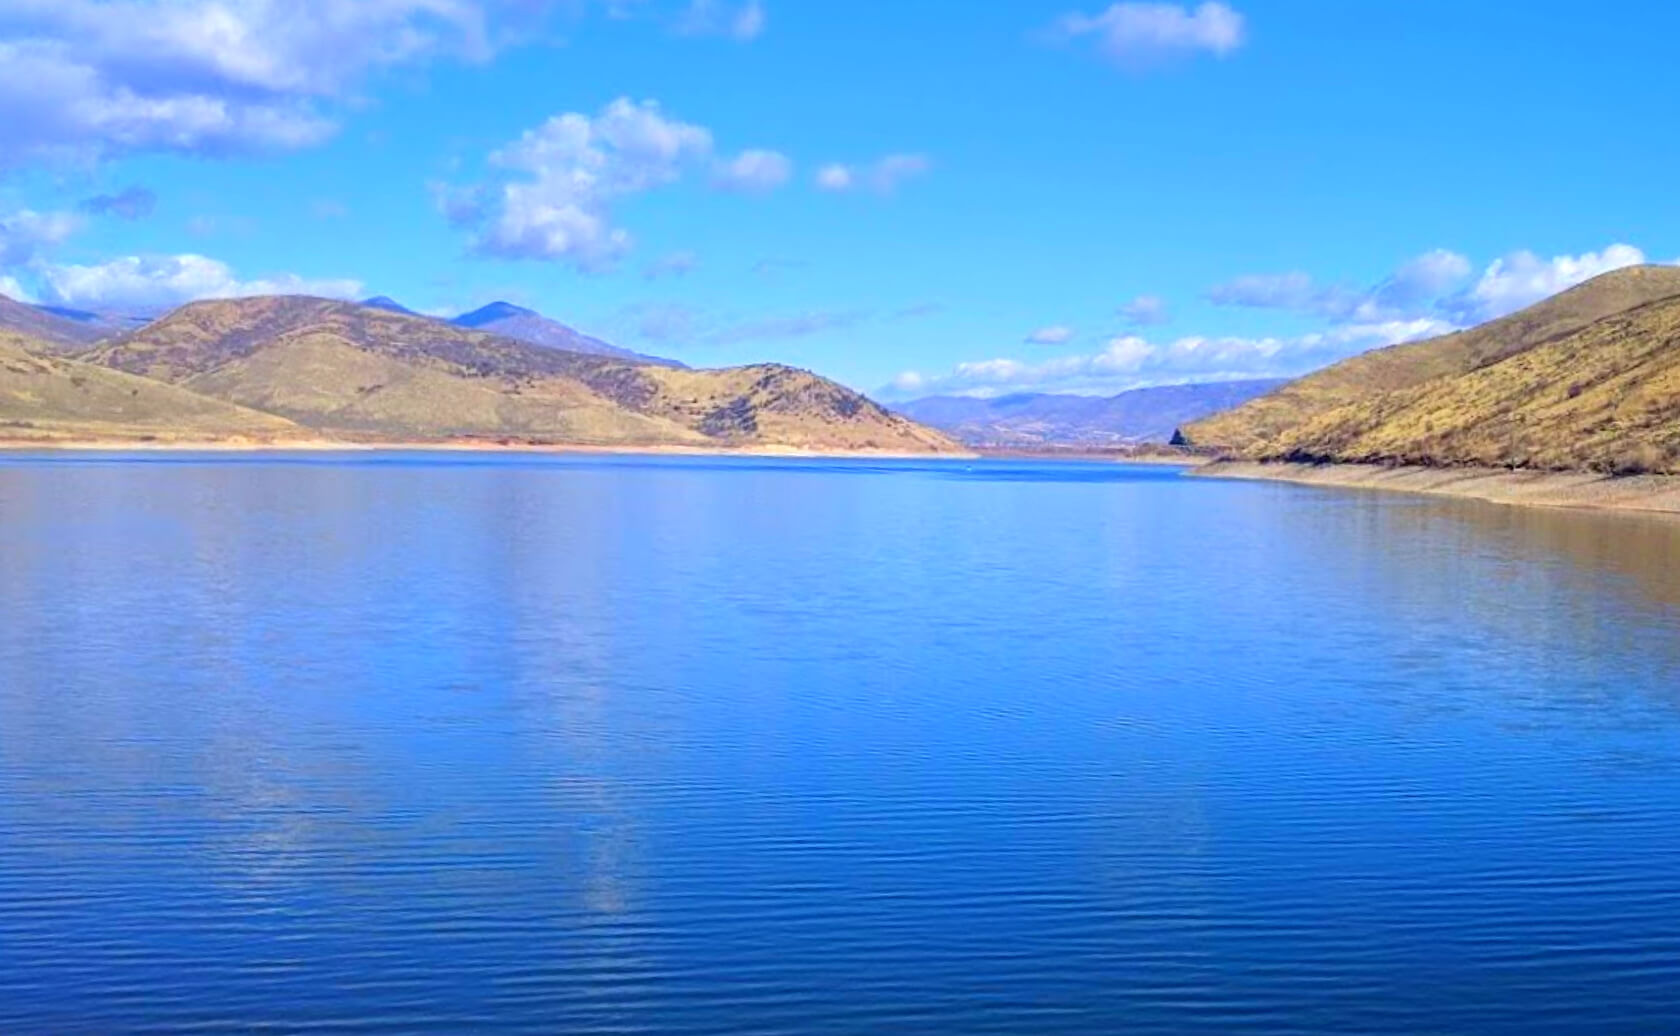 Deer-Creek-Lake-Fishing-Guide-Report-Utah-07